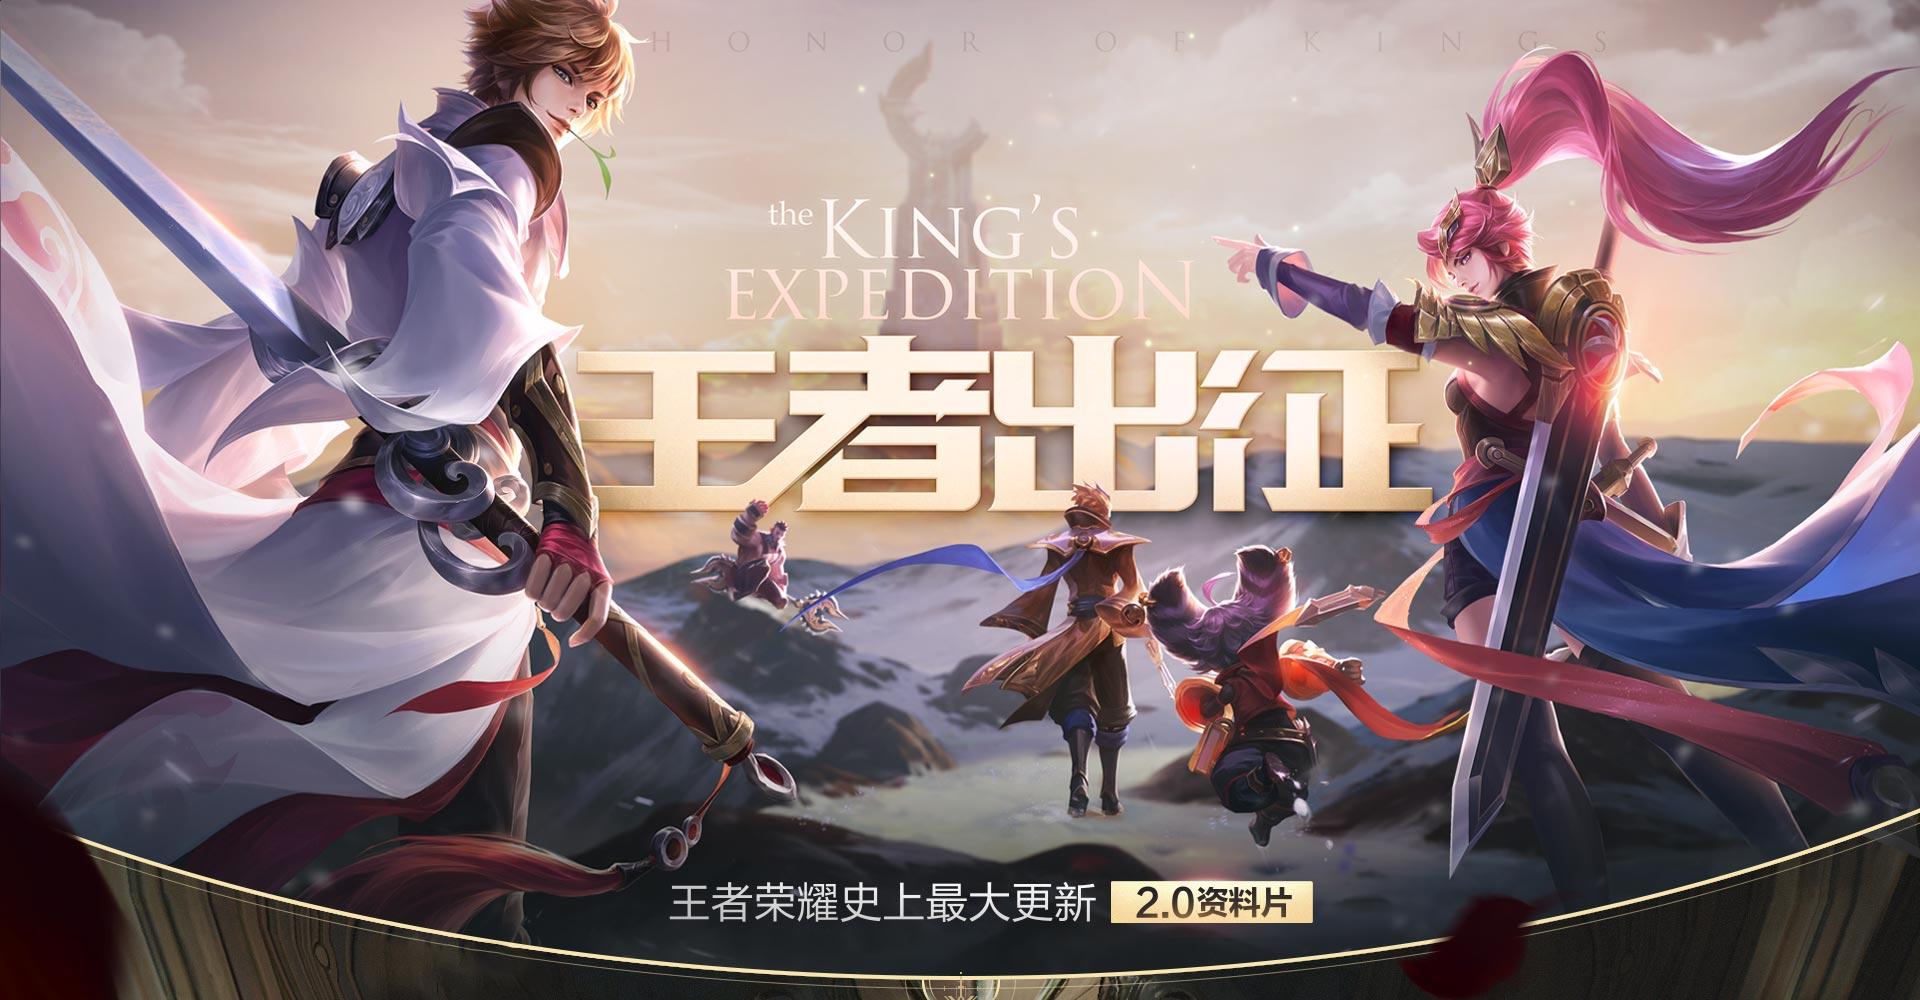 《王者荣耀》视觉升级2.0 这才是起点